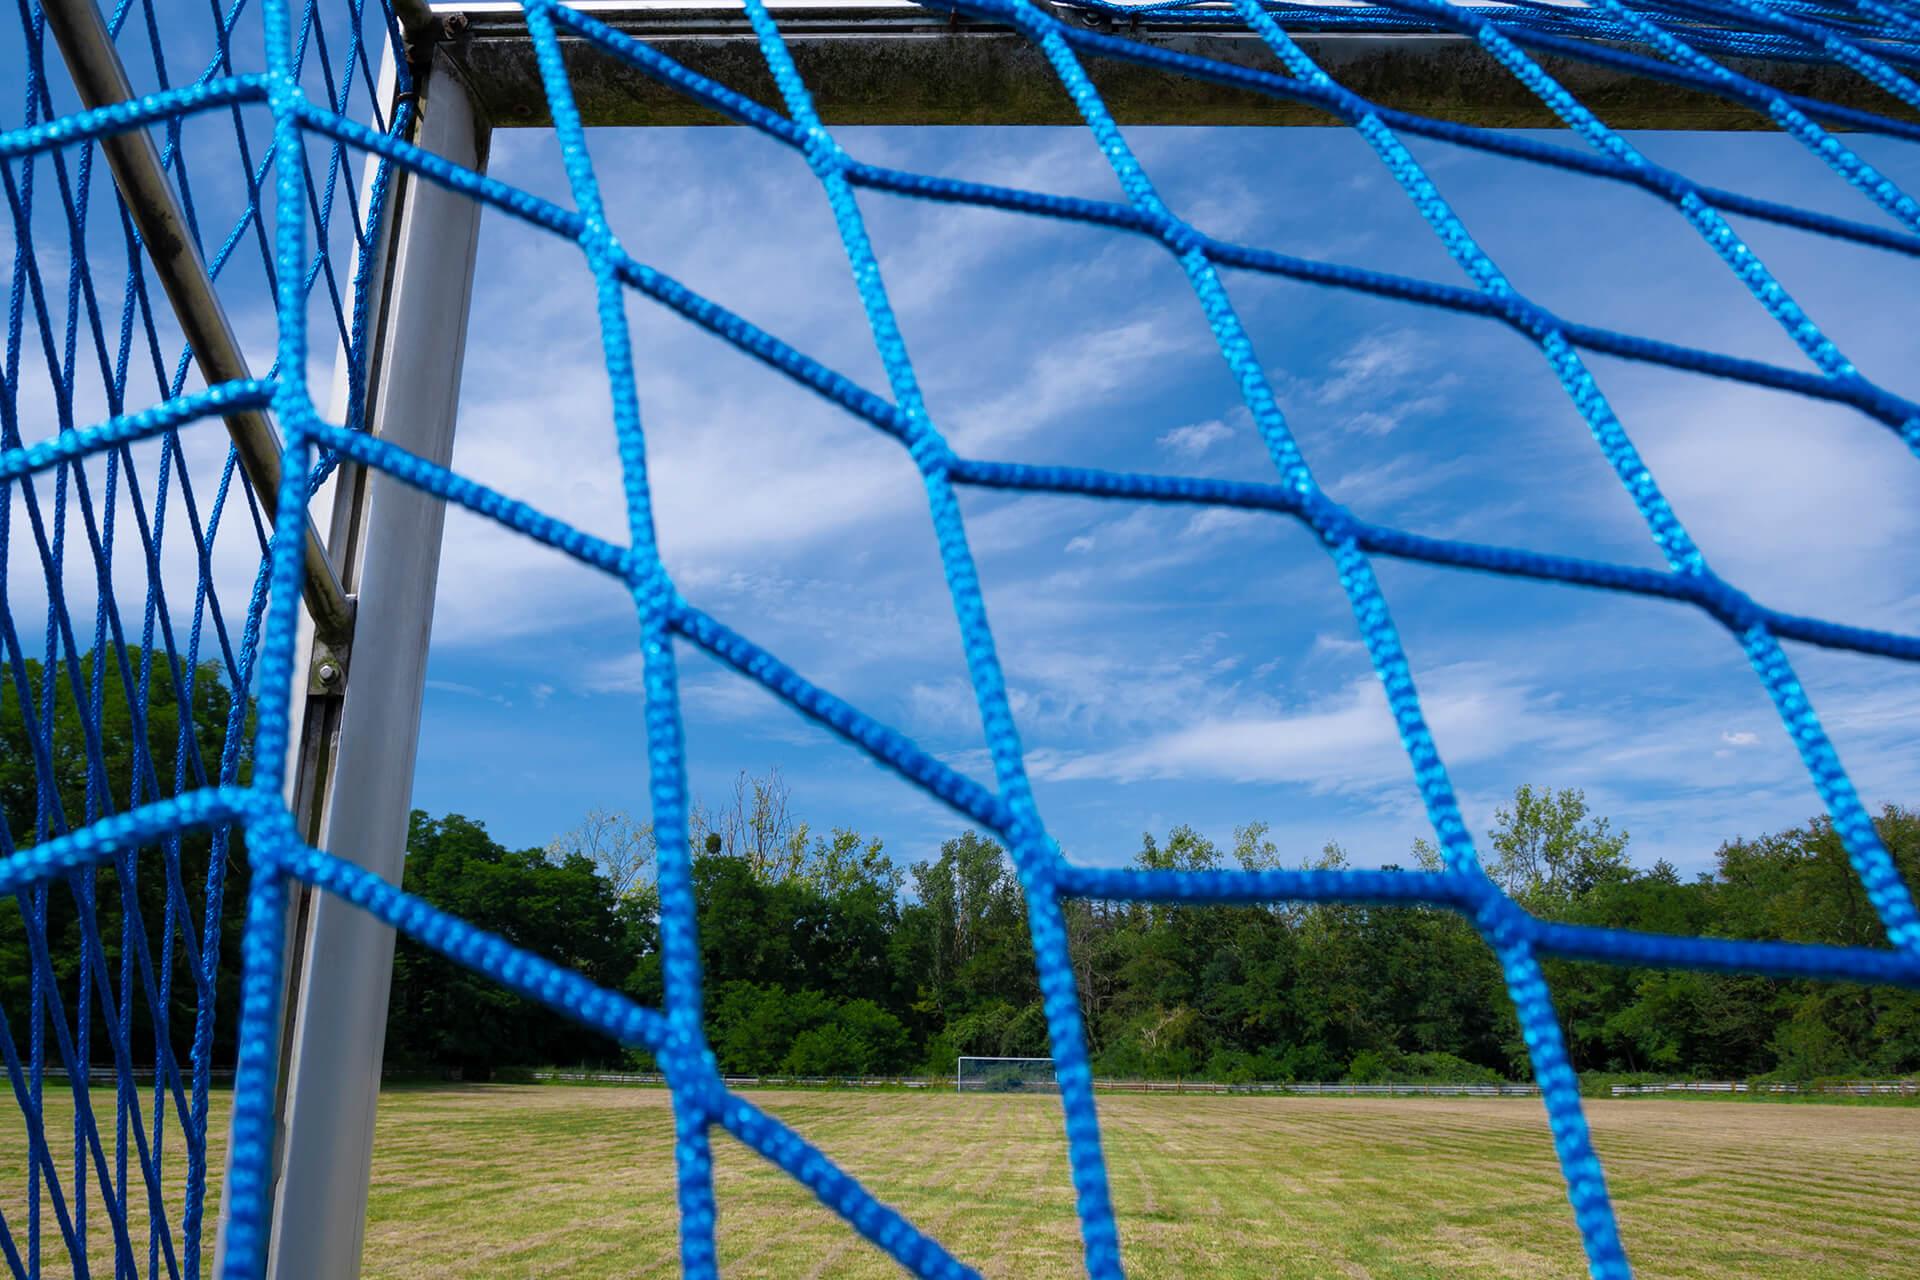 Torecke mit blauem Netz